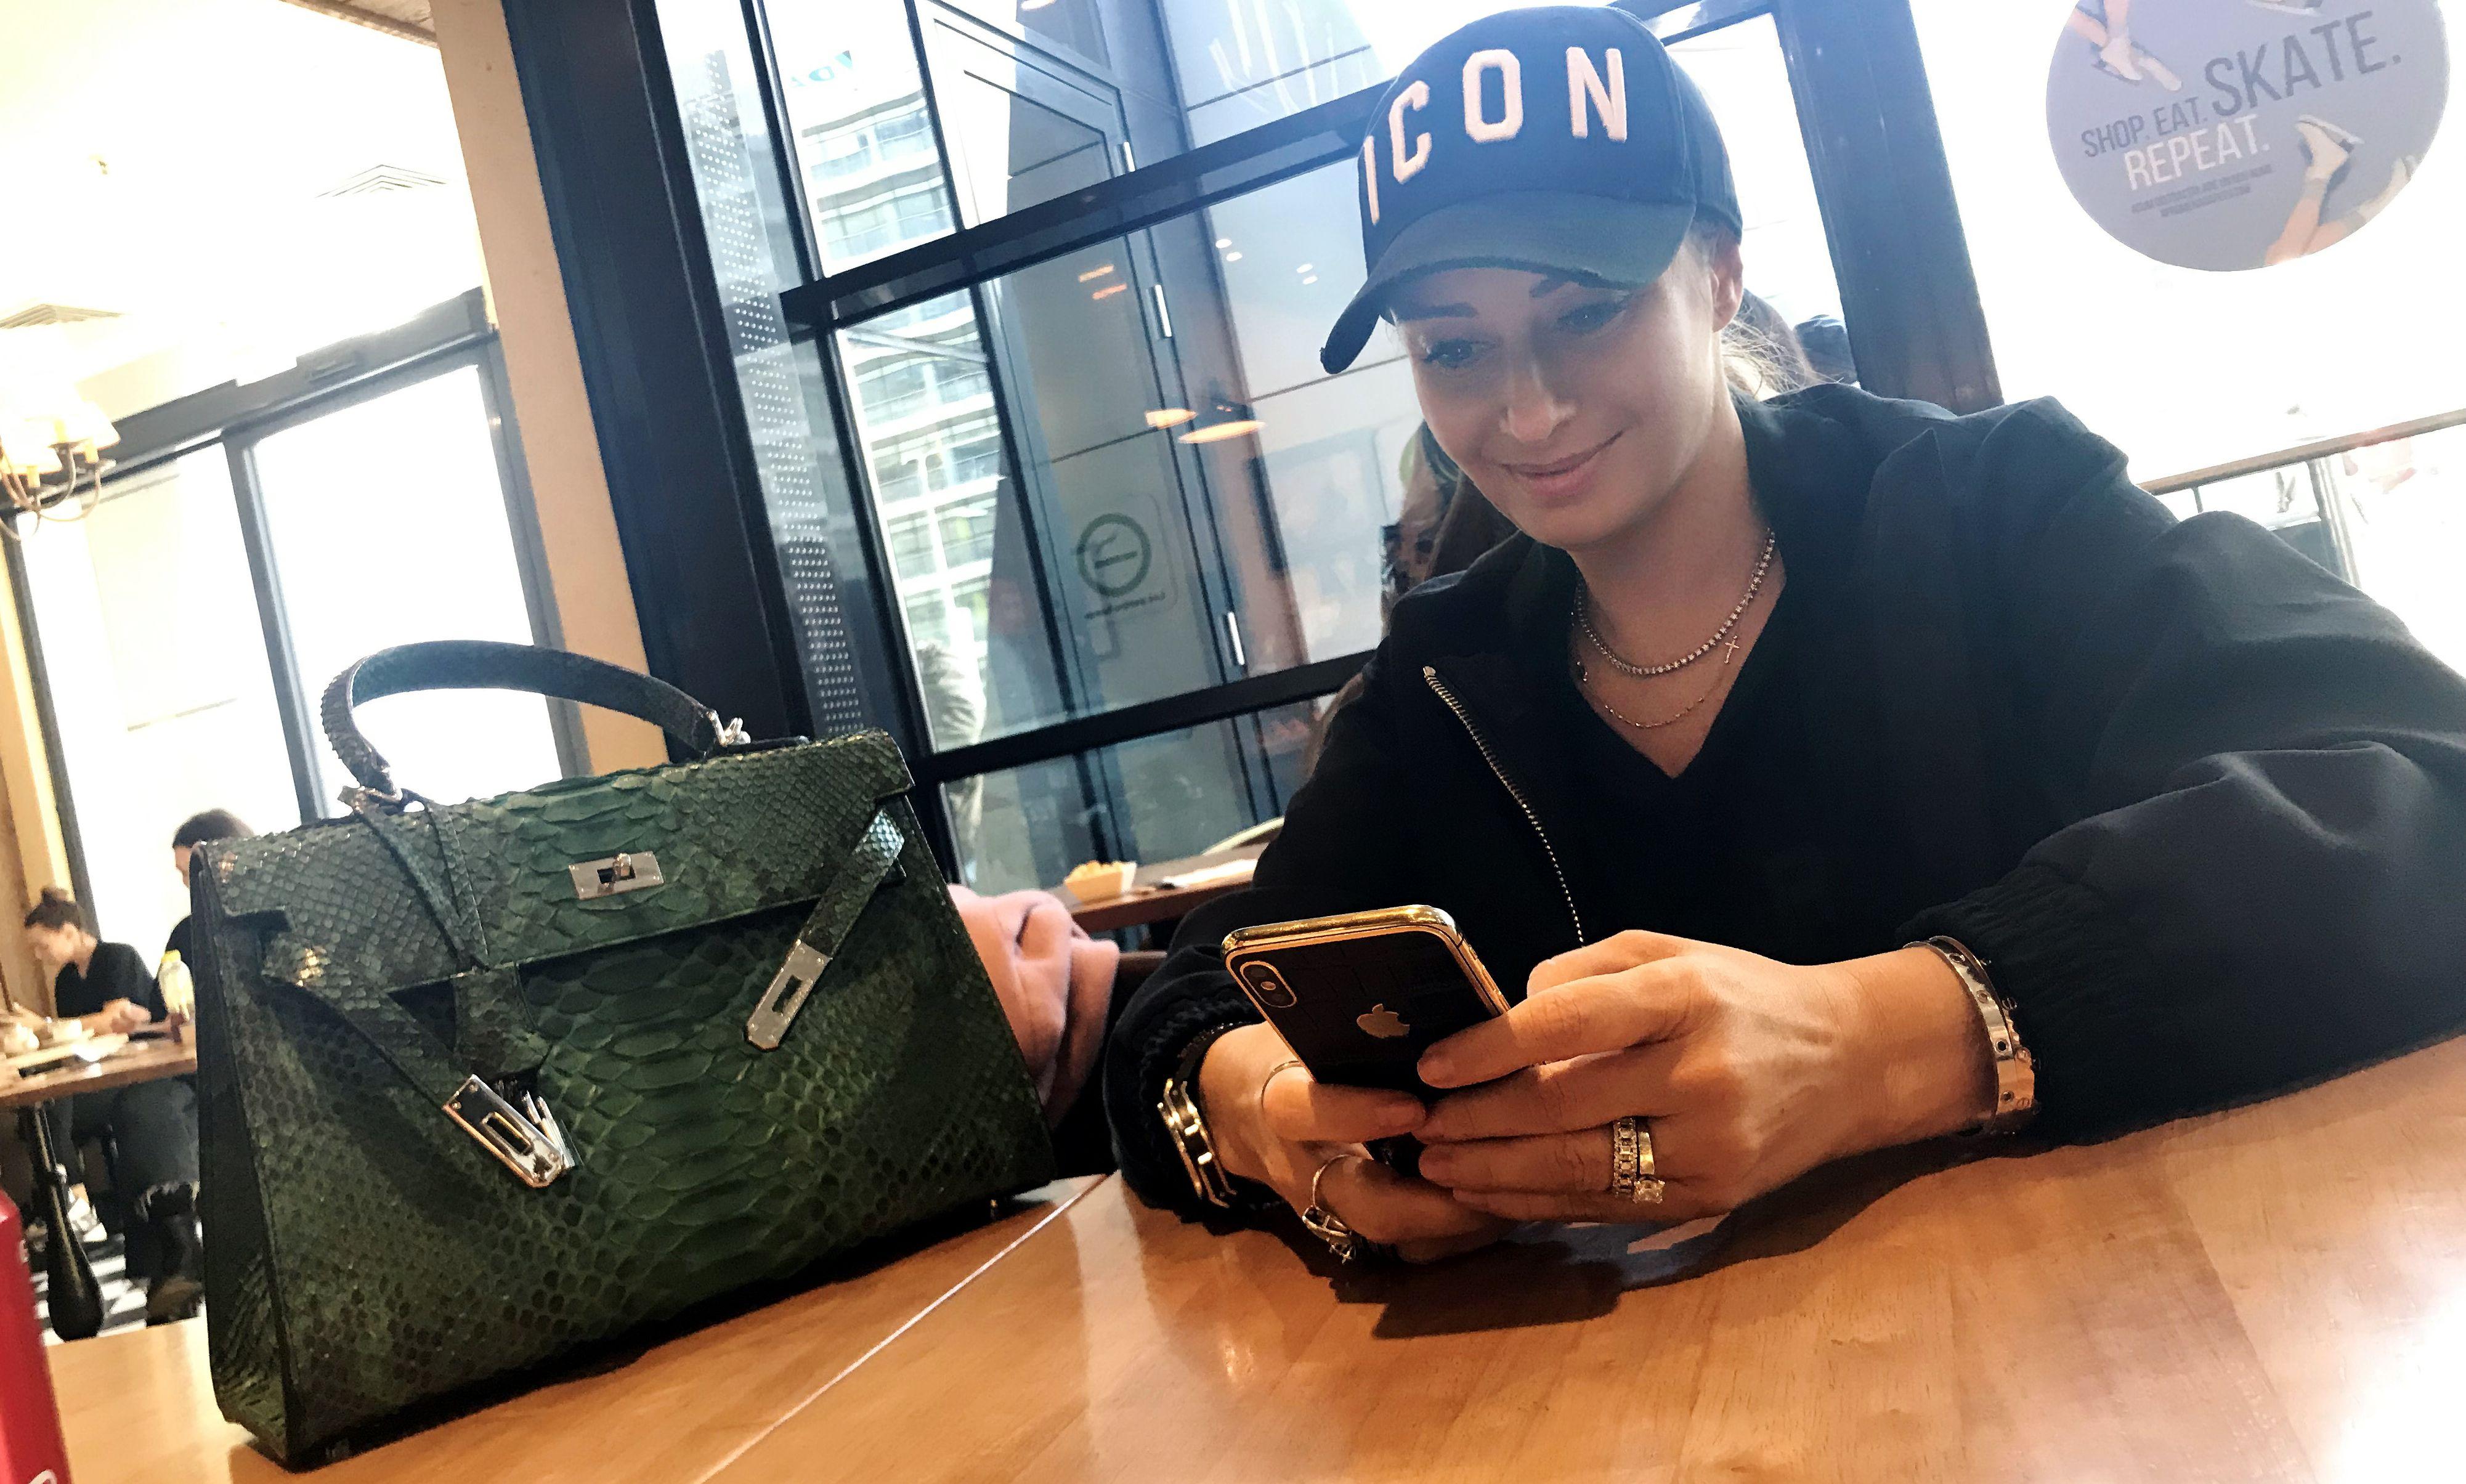 Anamaria Prodan Instagram anamaria prodan și-a luat geantă hermes de 80.000 de euro de